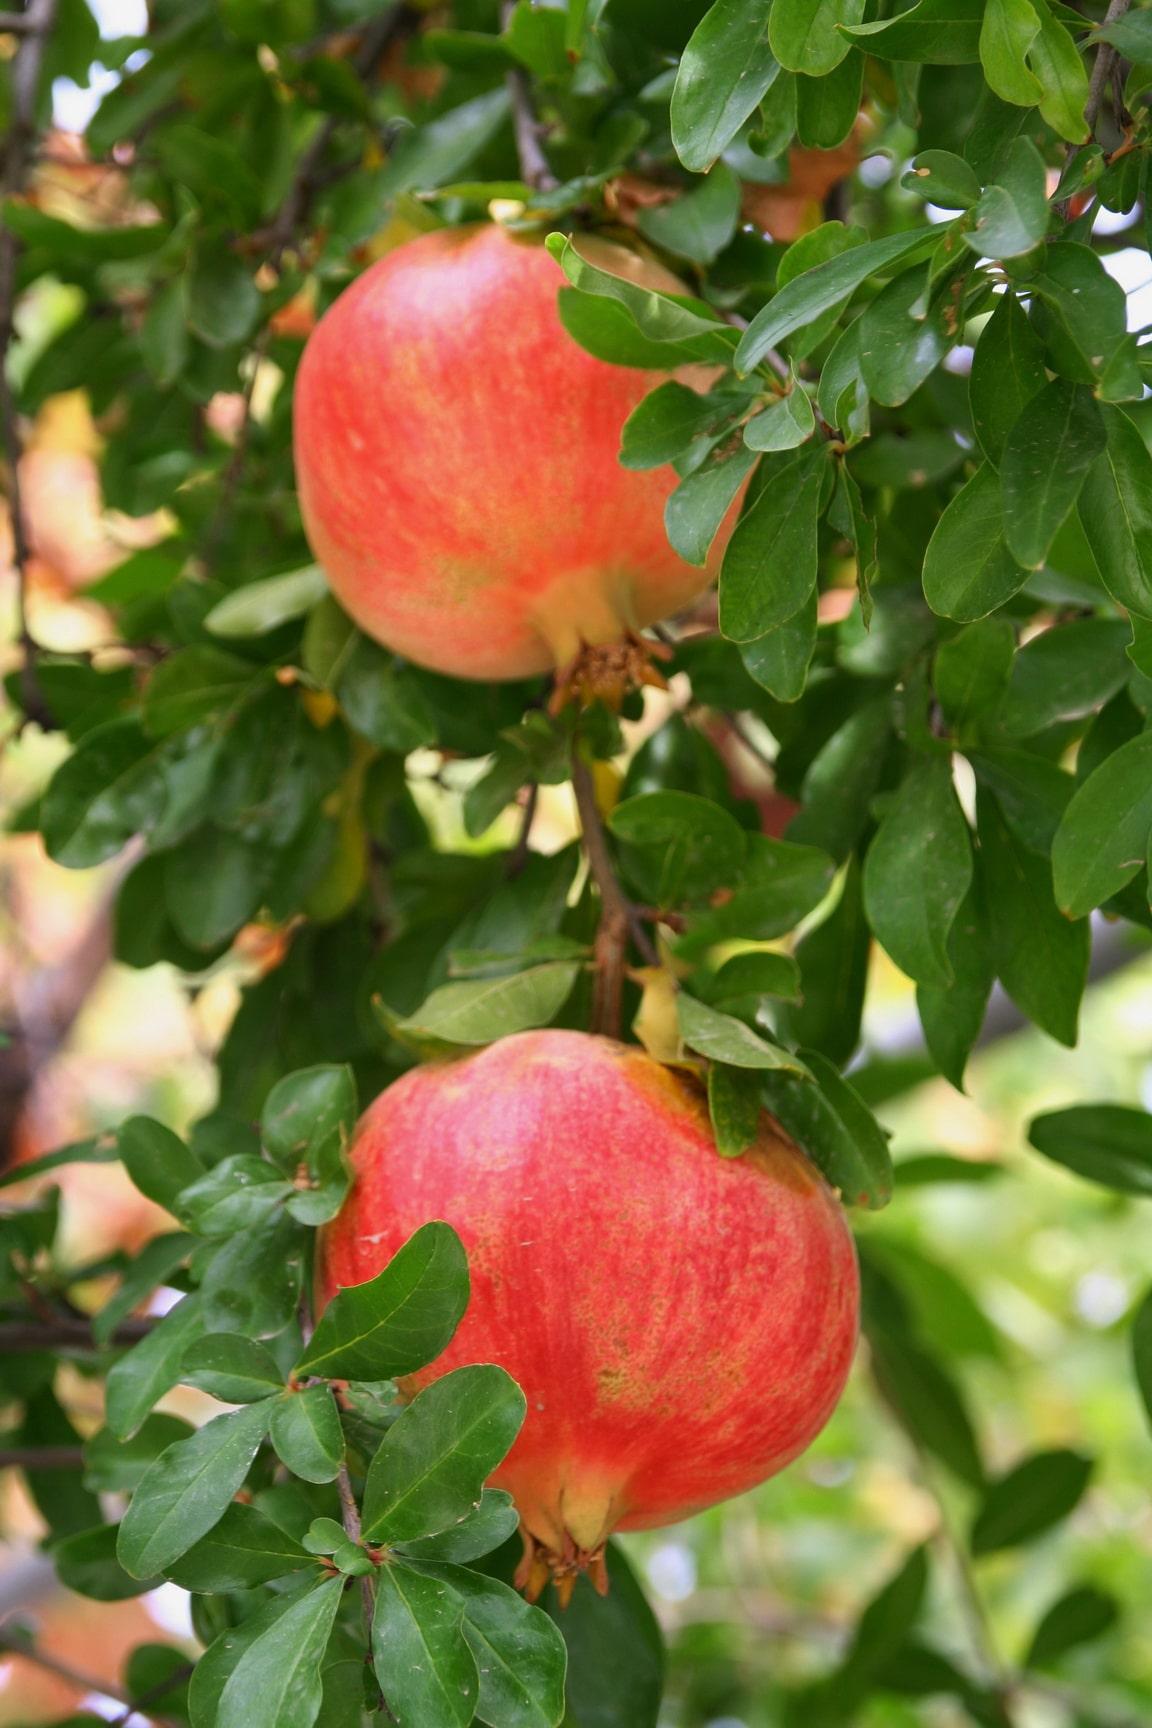 Взгляд притягивают гранатовые деревья, усыпанные крупными плодами